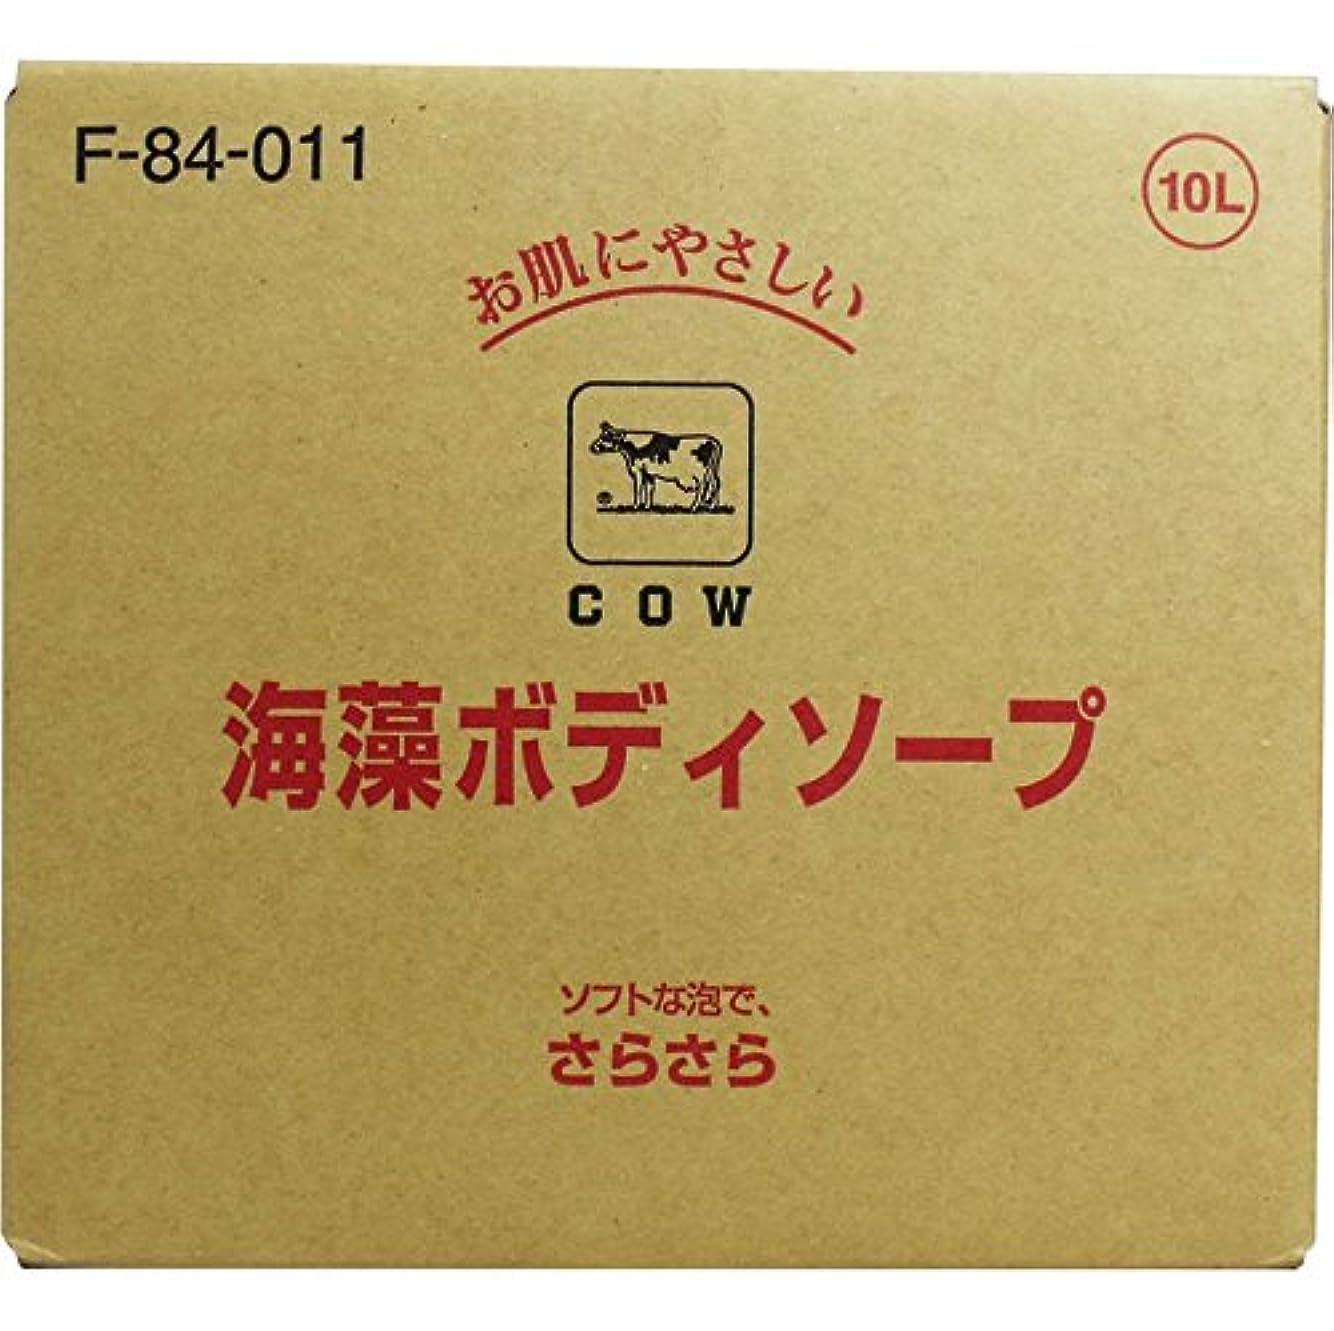 速度肝強調するボディ 石けん詰め替え さらさらした洗い心地 便利商品 牛乳ブランド 海藻ボディソープ 業務用 10L